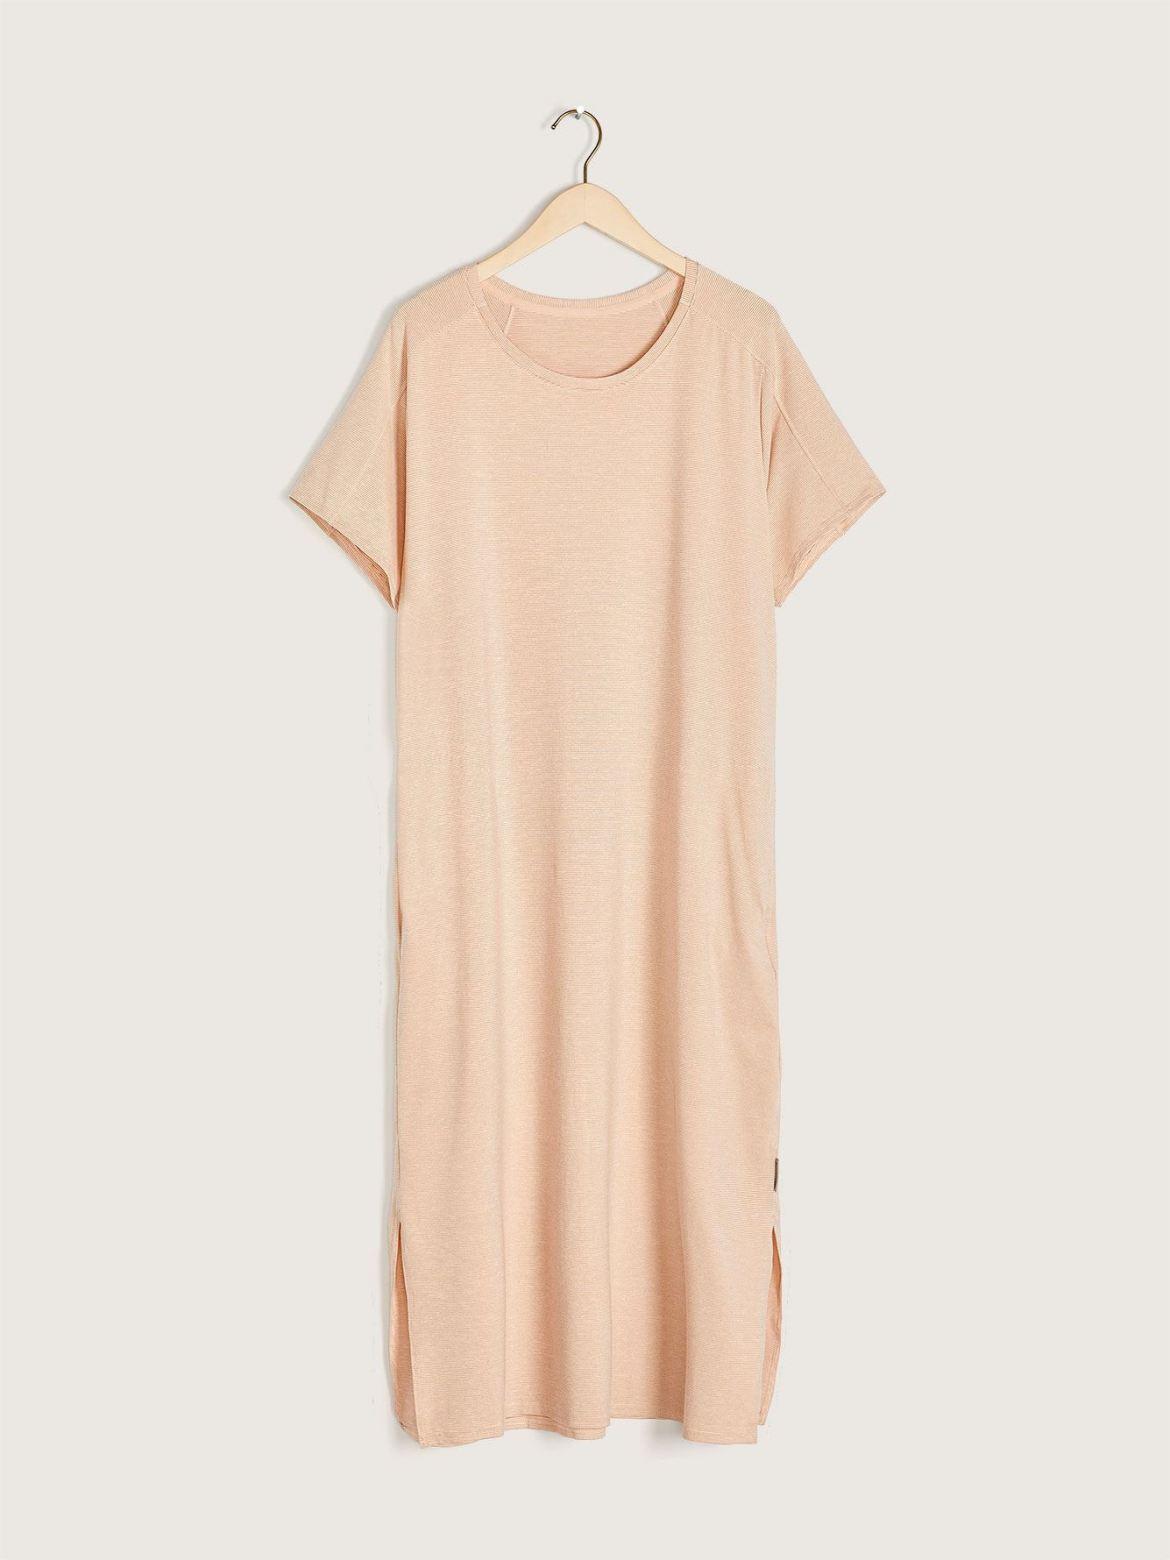 Firwood Camp T-Shirt Dress - Columbia